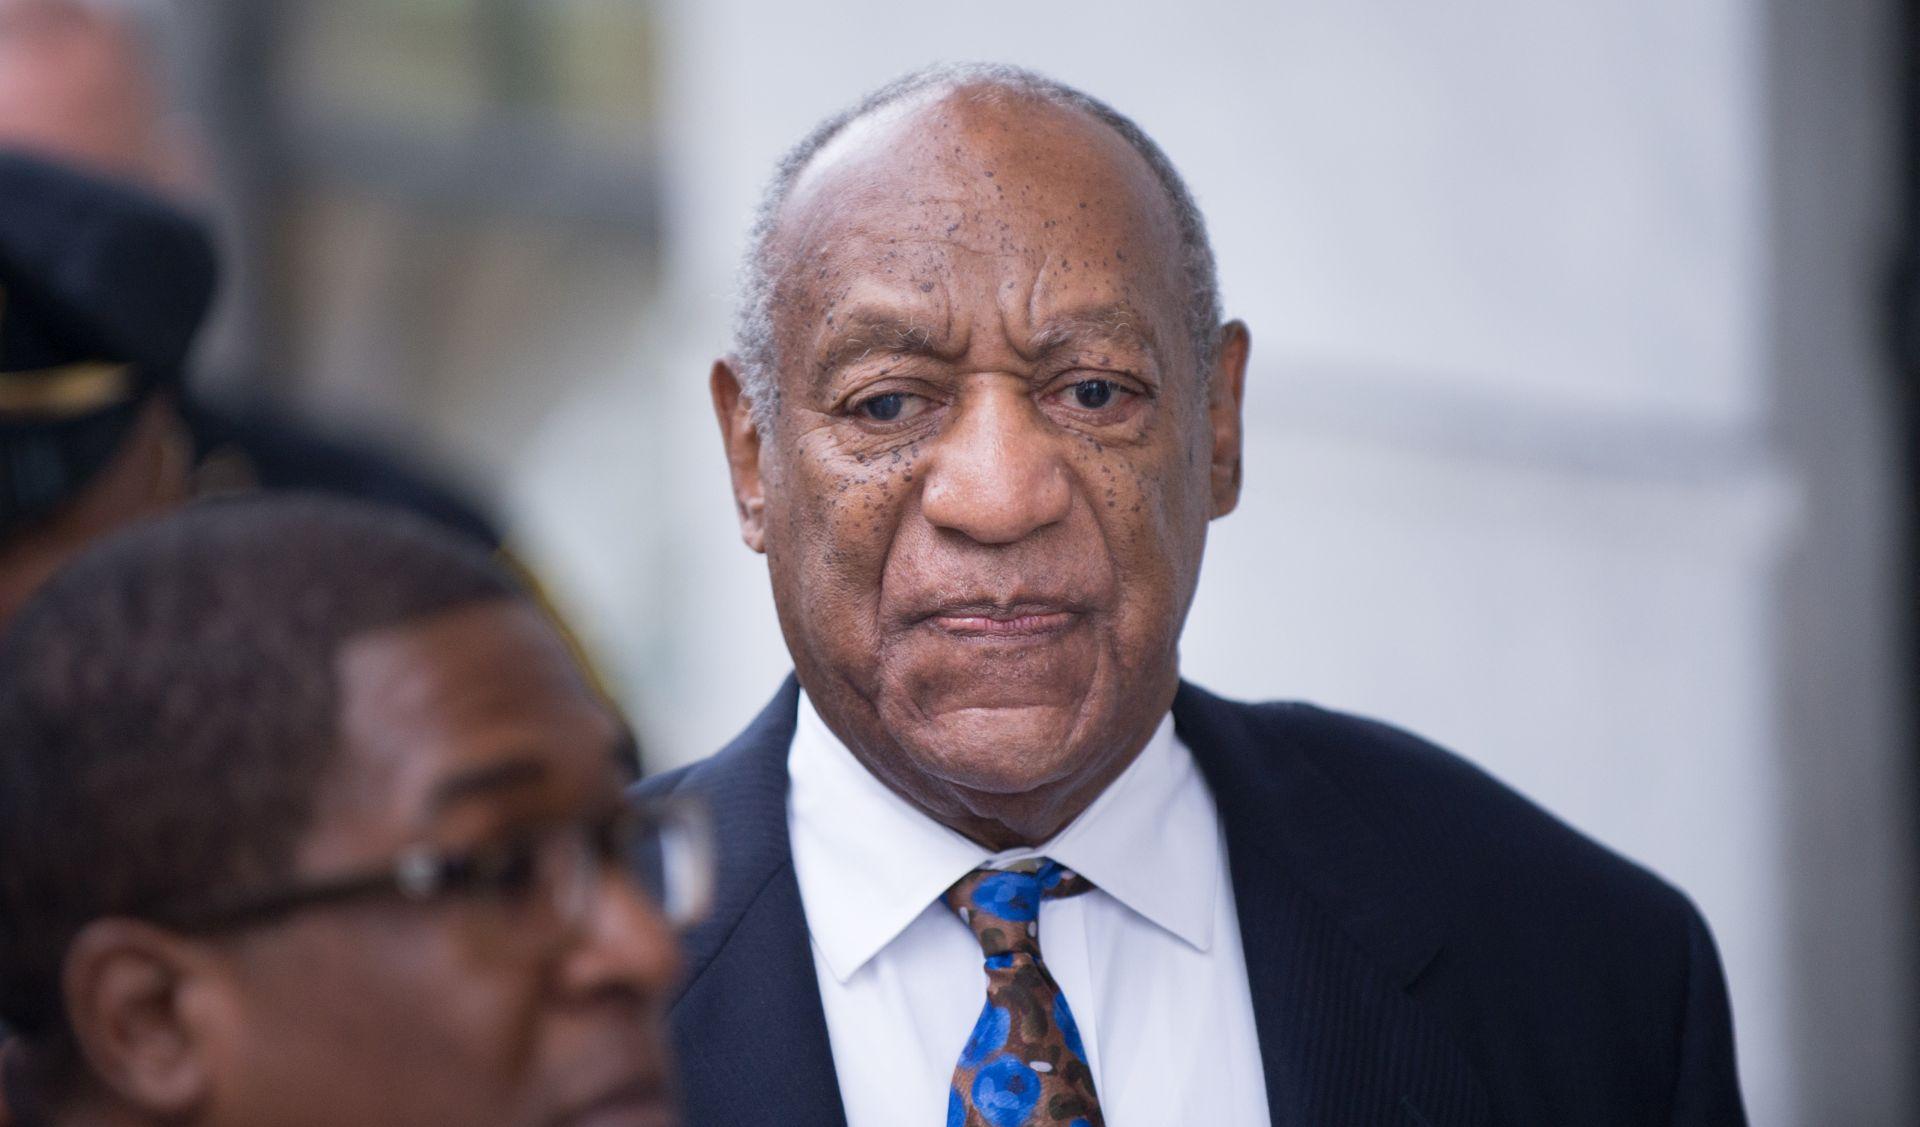 Cosby pred sudom, čeka presudu